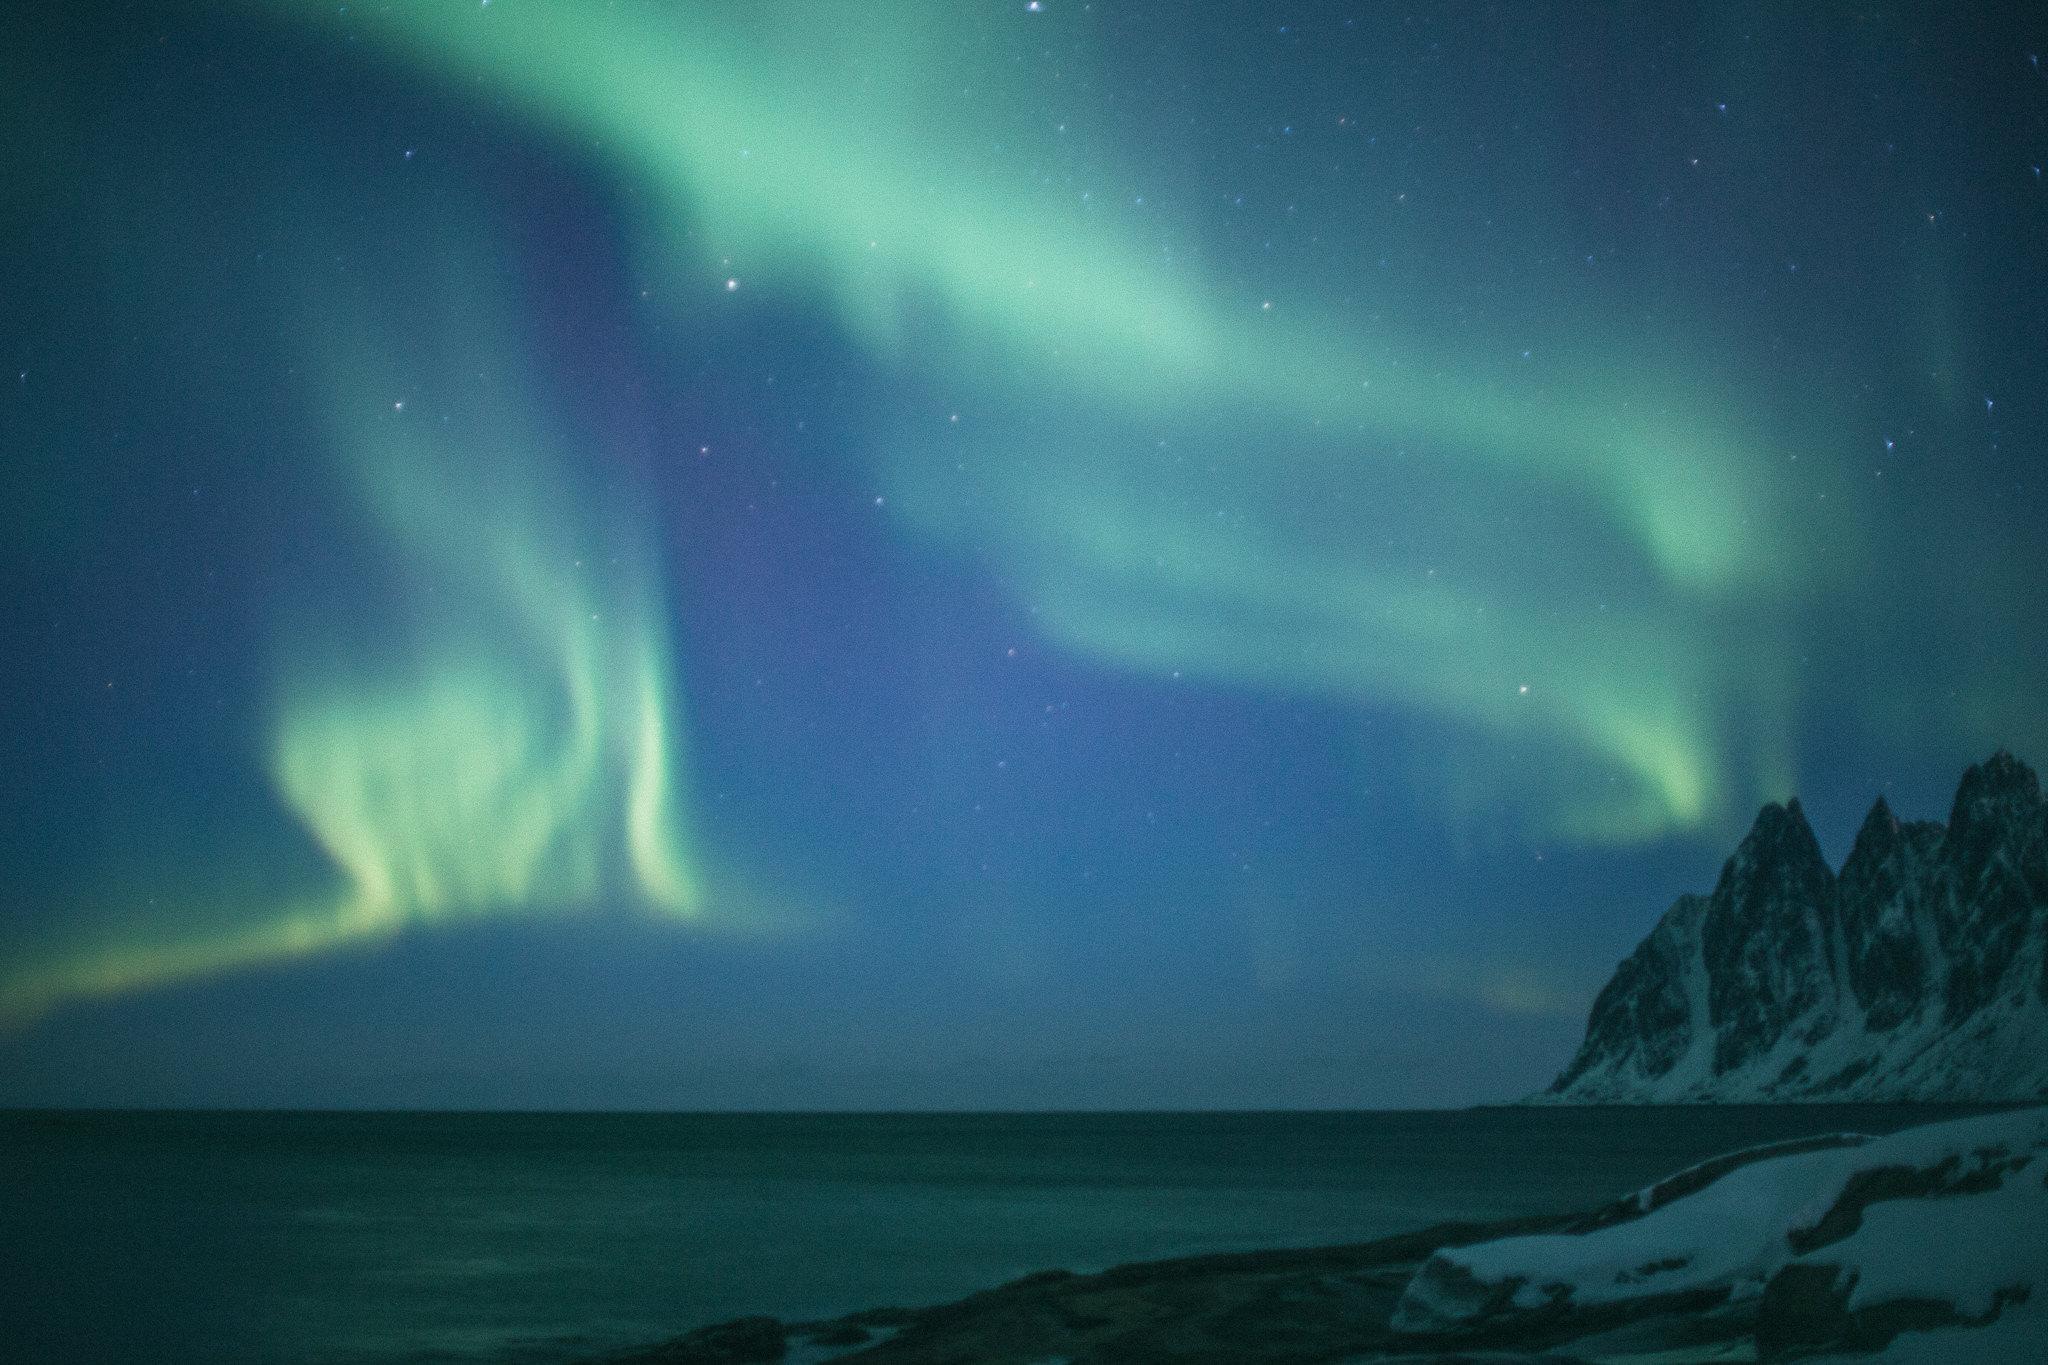 norwegia-zorza-polarna-jak-powstaje-zorza-polarna